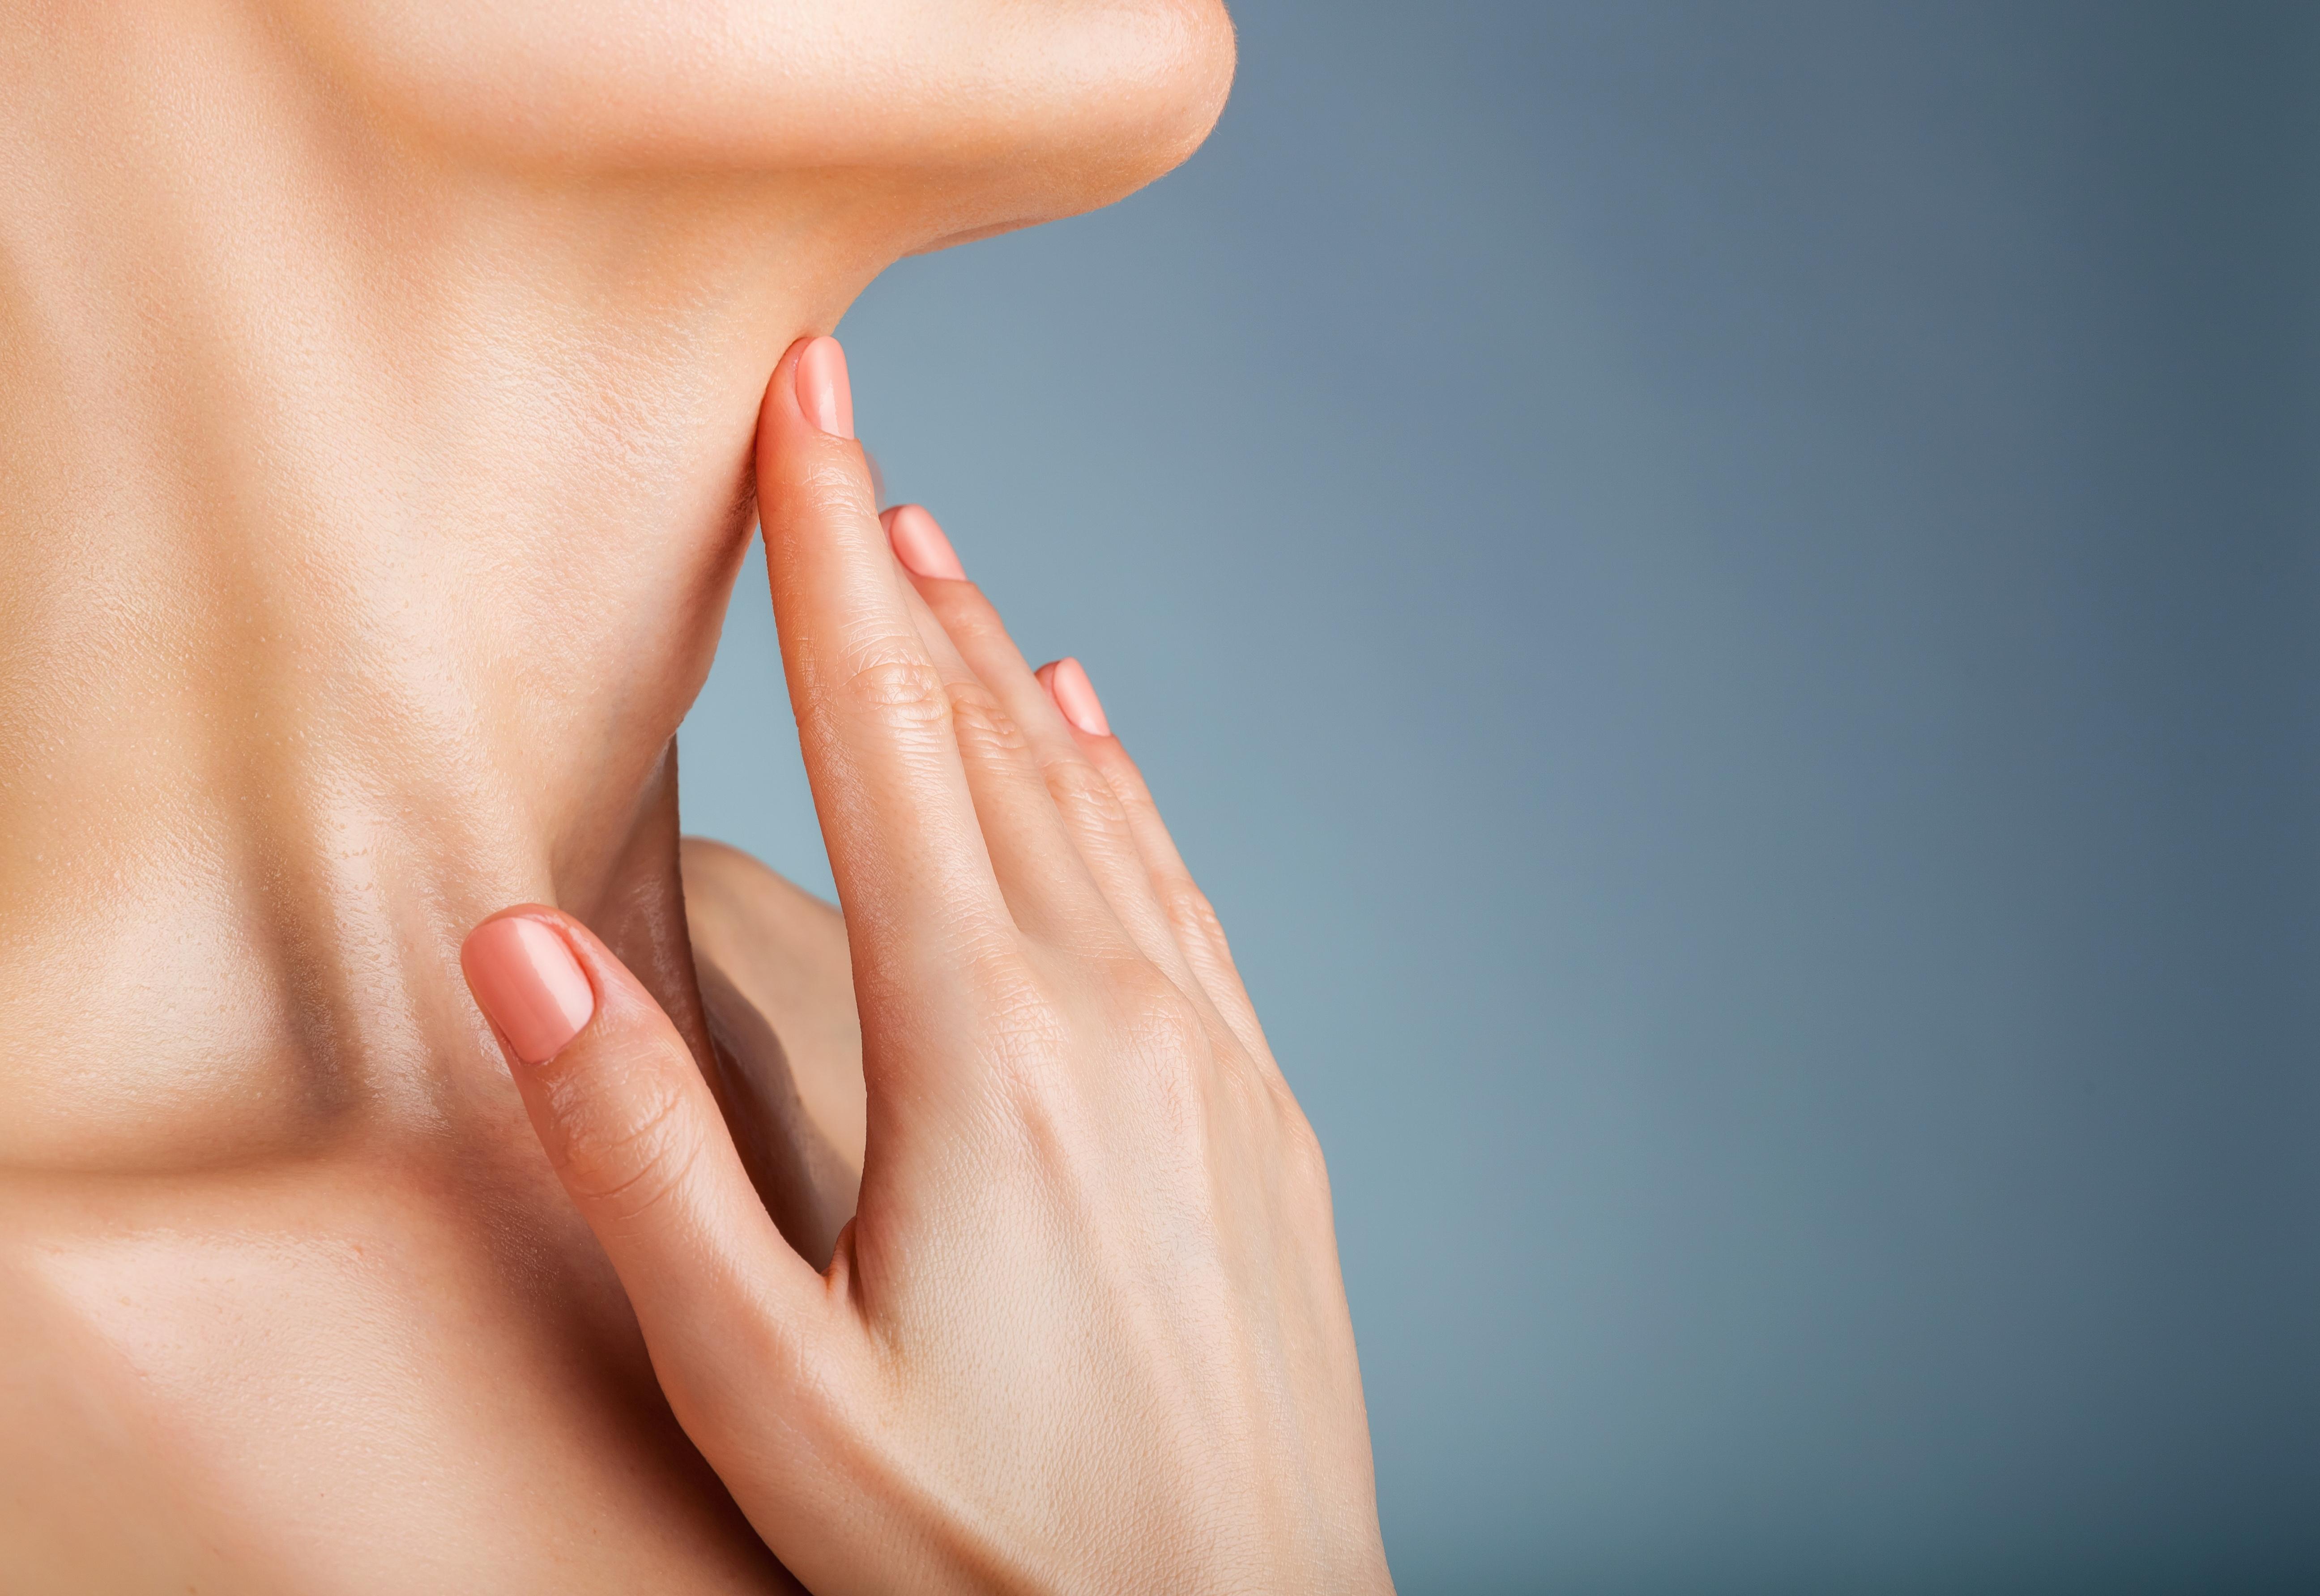 Szorító érzés a nyakban mi történik, ha egy dohányos leszokik a dohányzásról